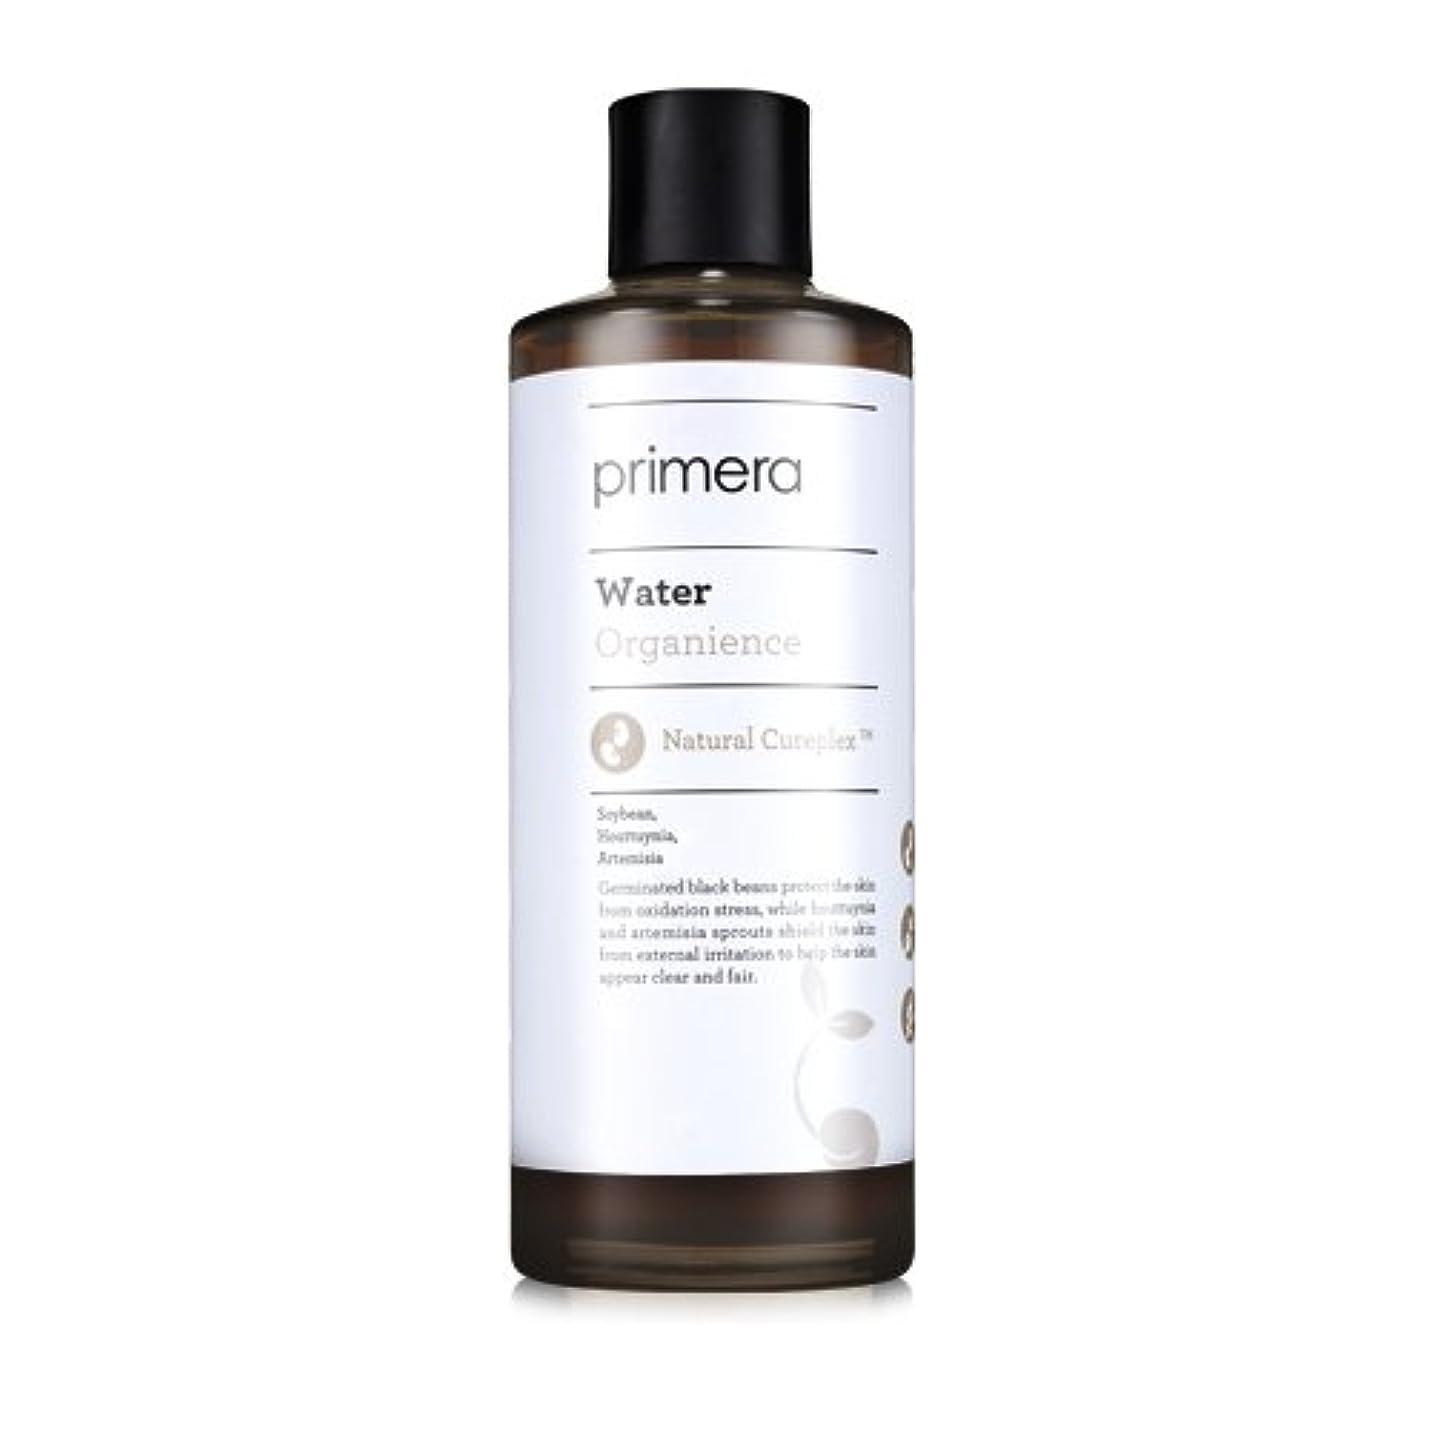 泥棒欲望発見するPRIMERA プリメラ オーガニエンス エマルジョン(Organience Emulsion)乳液 150ml